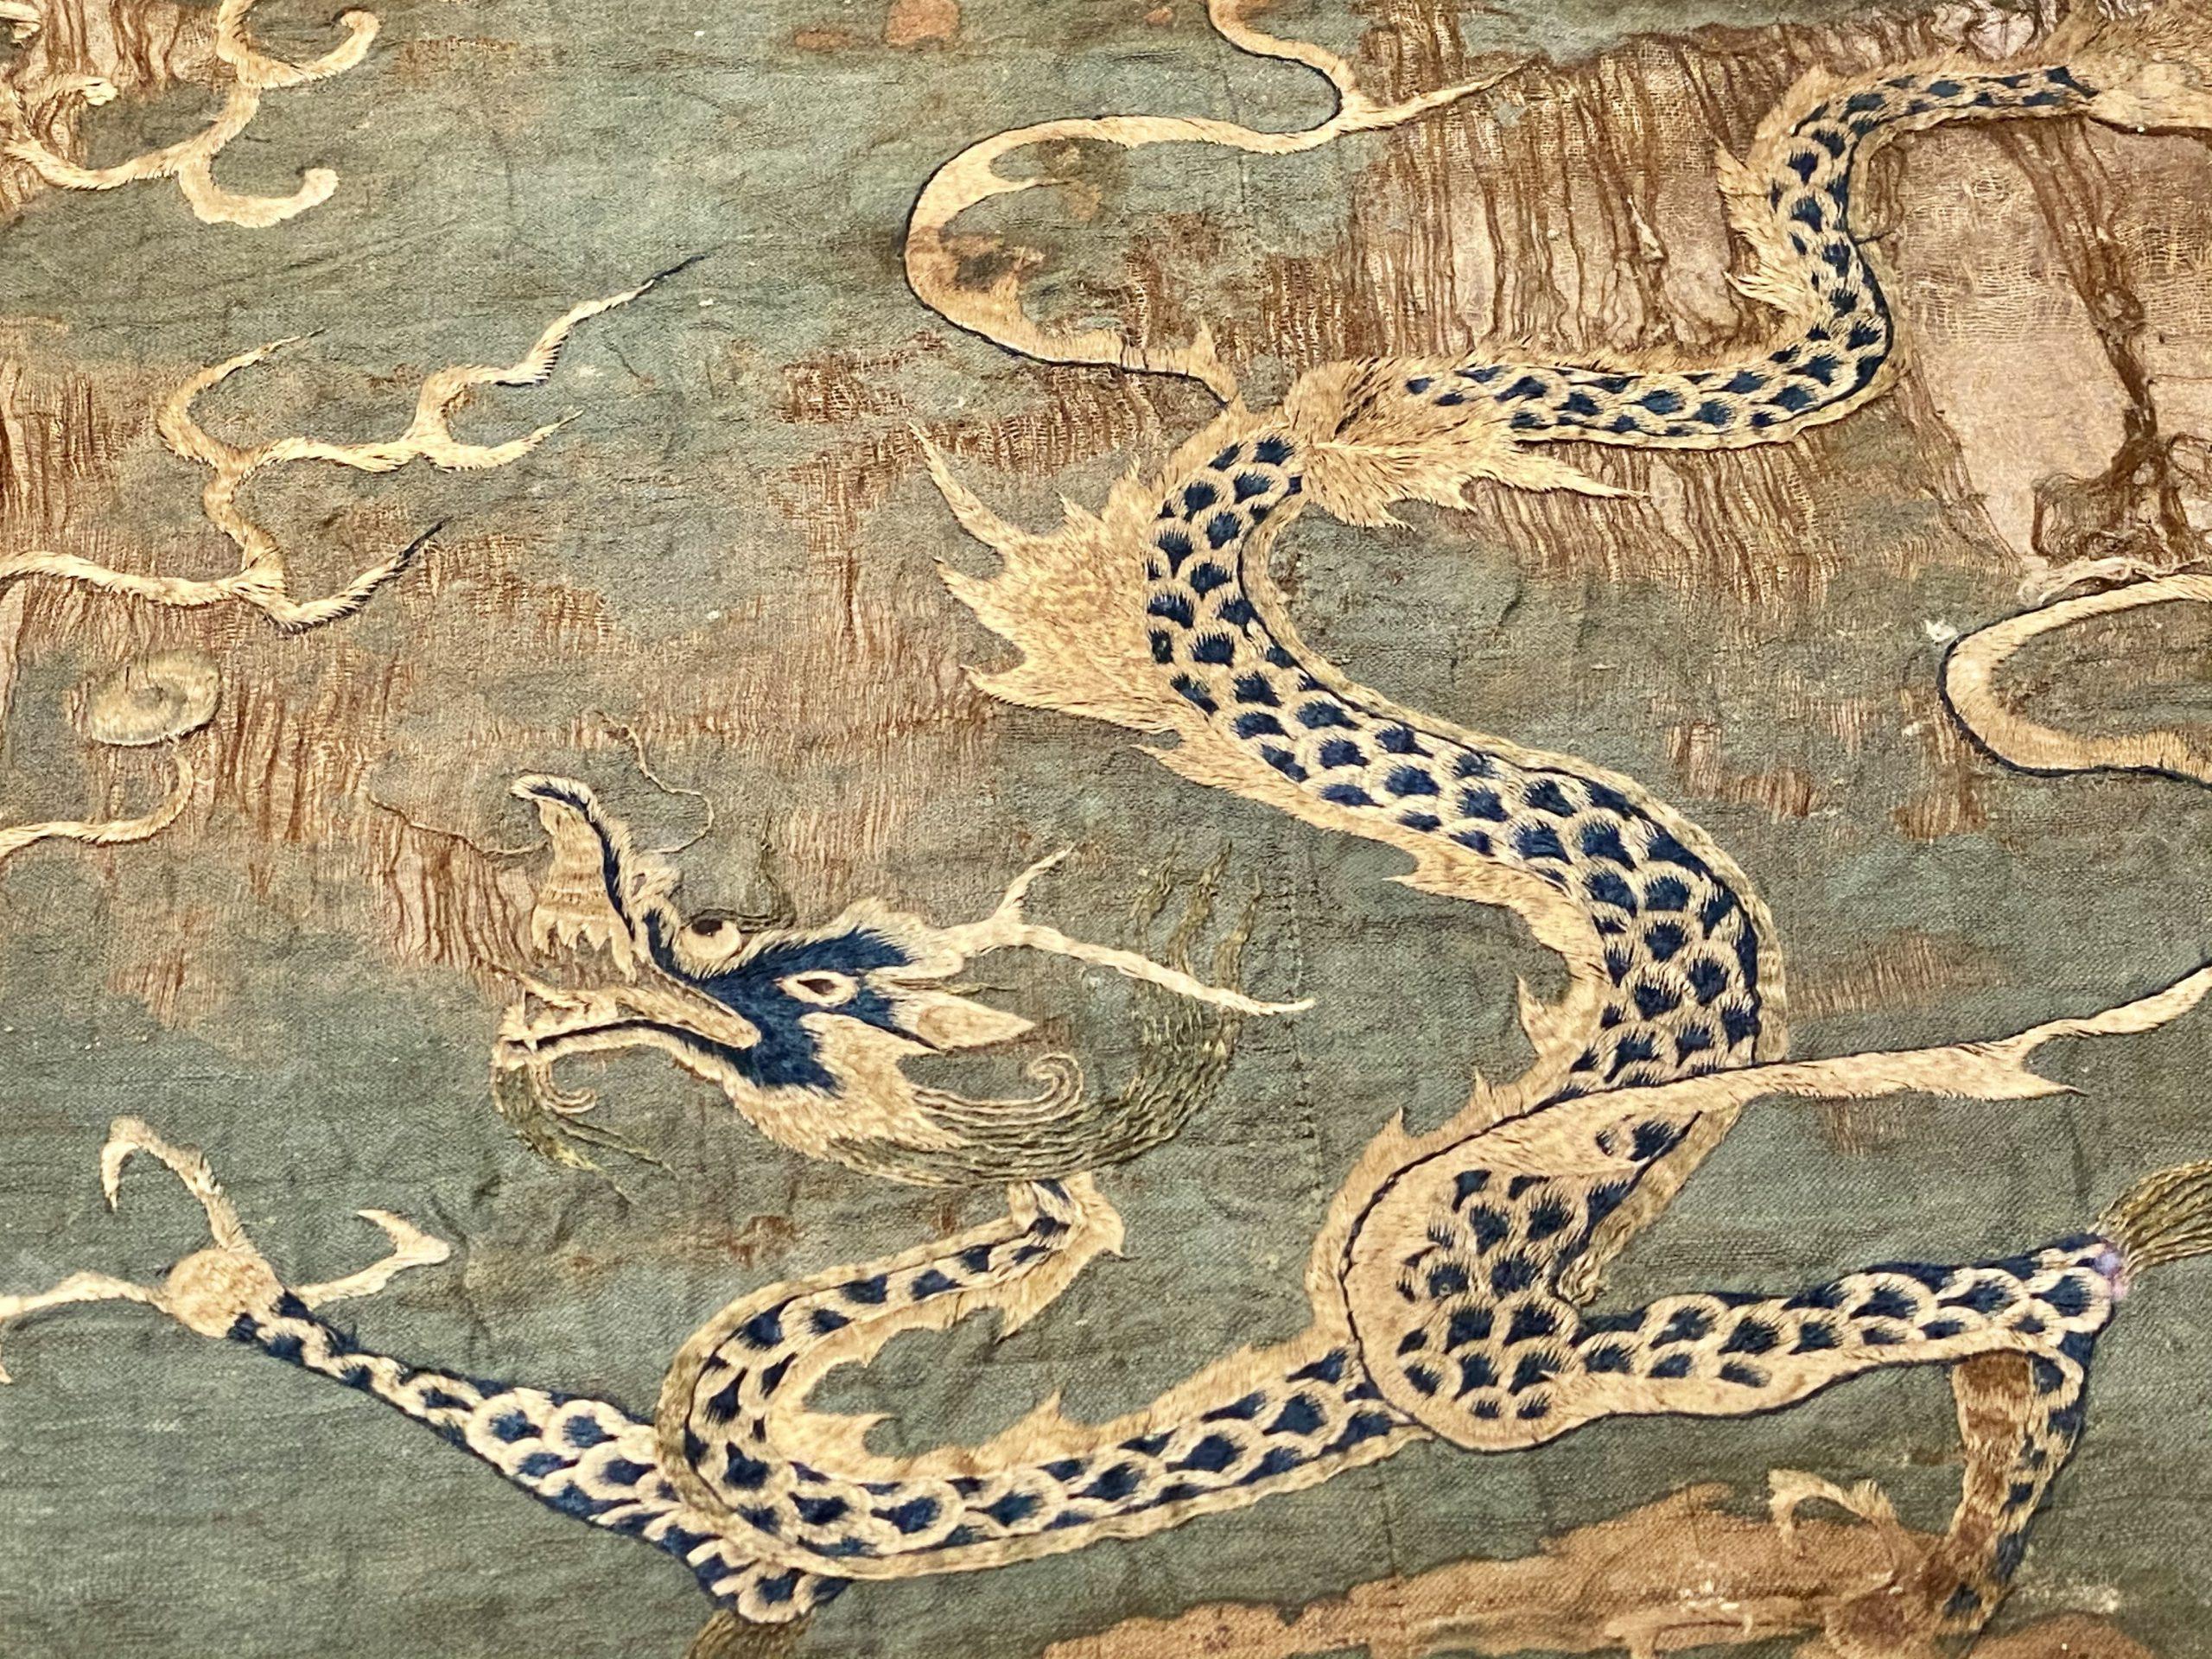 龍紋織錦-唐時代-巡回特別展【天歌長歌-唐蕃古道】-四川博物館